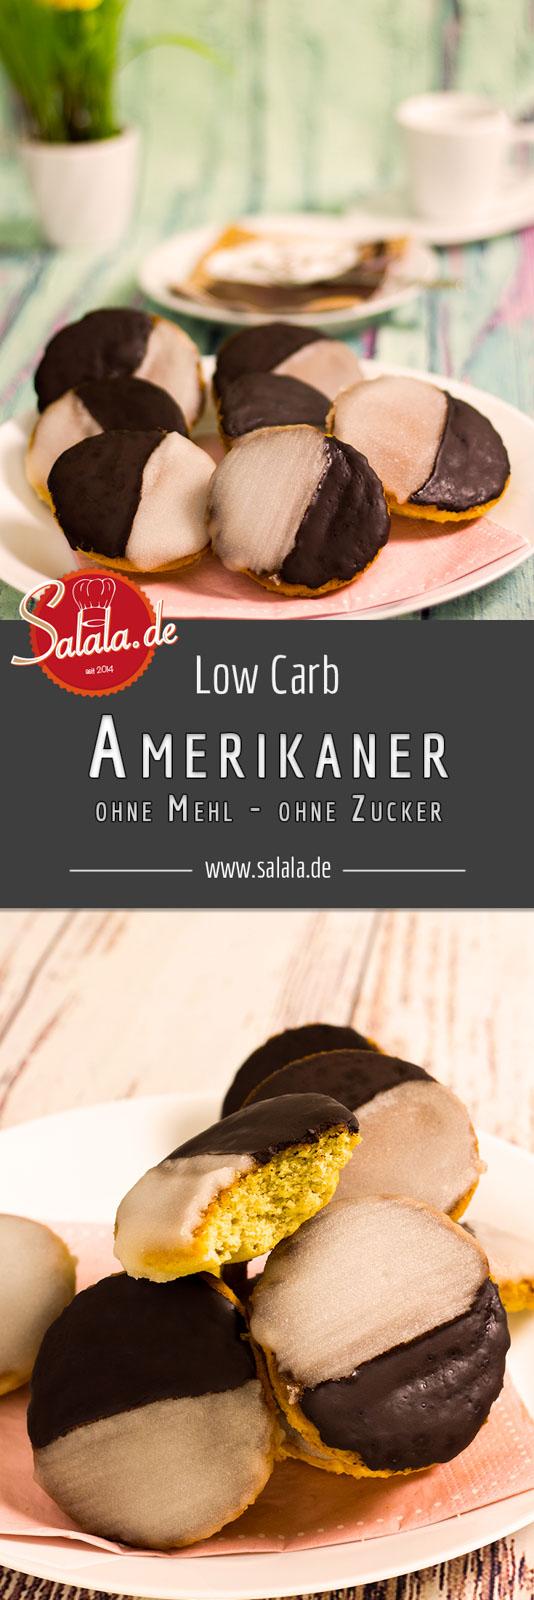 Low Carb Amerikaner - by salala.de - Fasching Karneval Fastnacht Gebäck ohne Mehl zuckerfrei Rezept selber machen mehlfrei